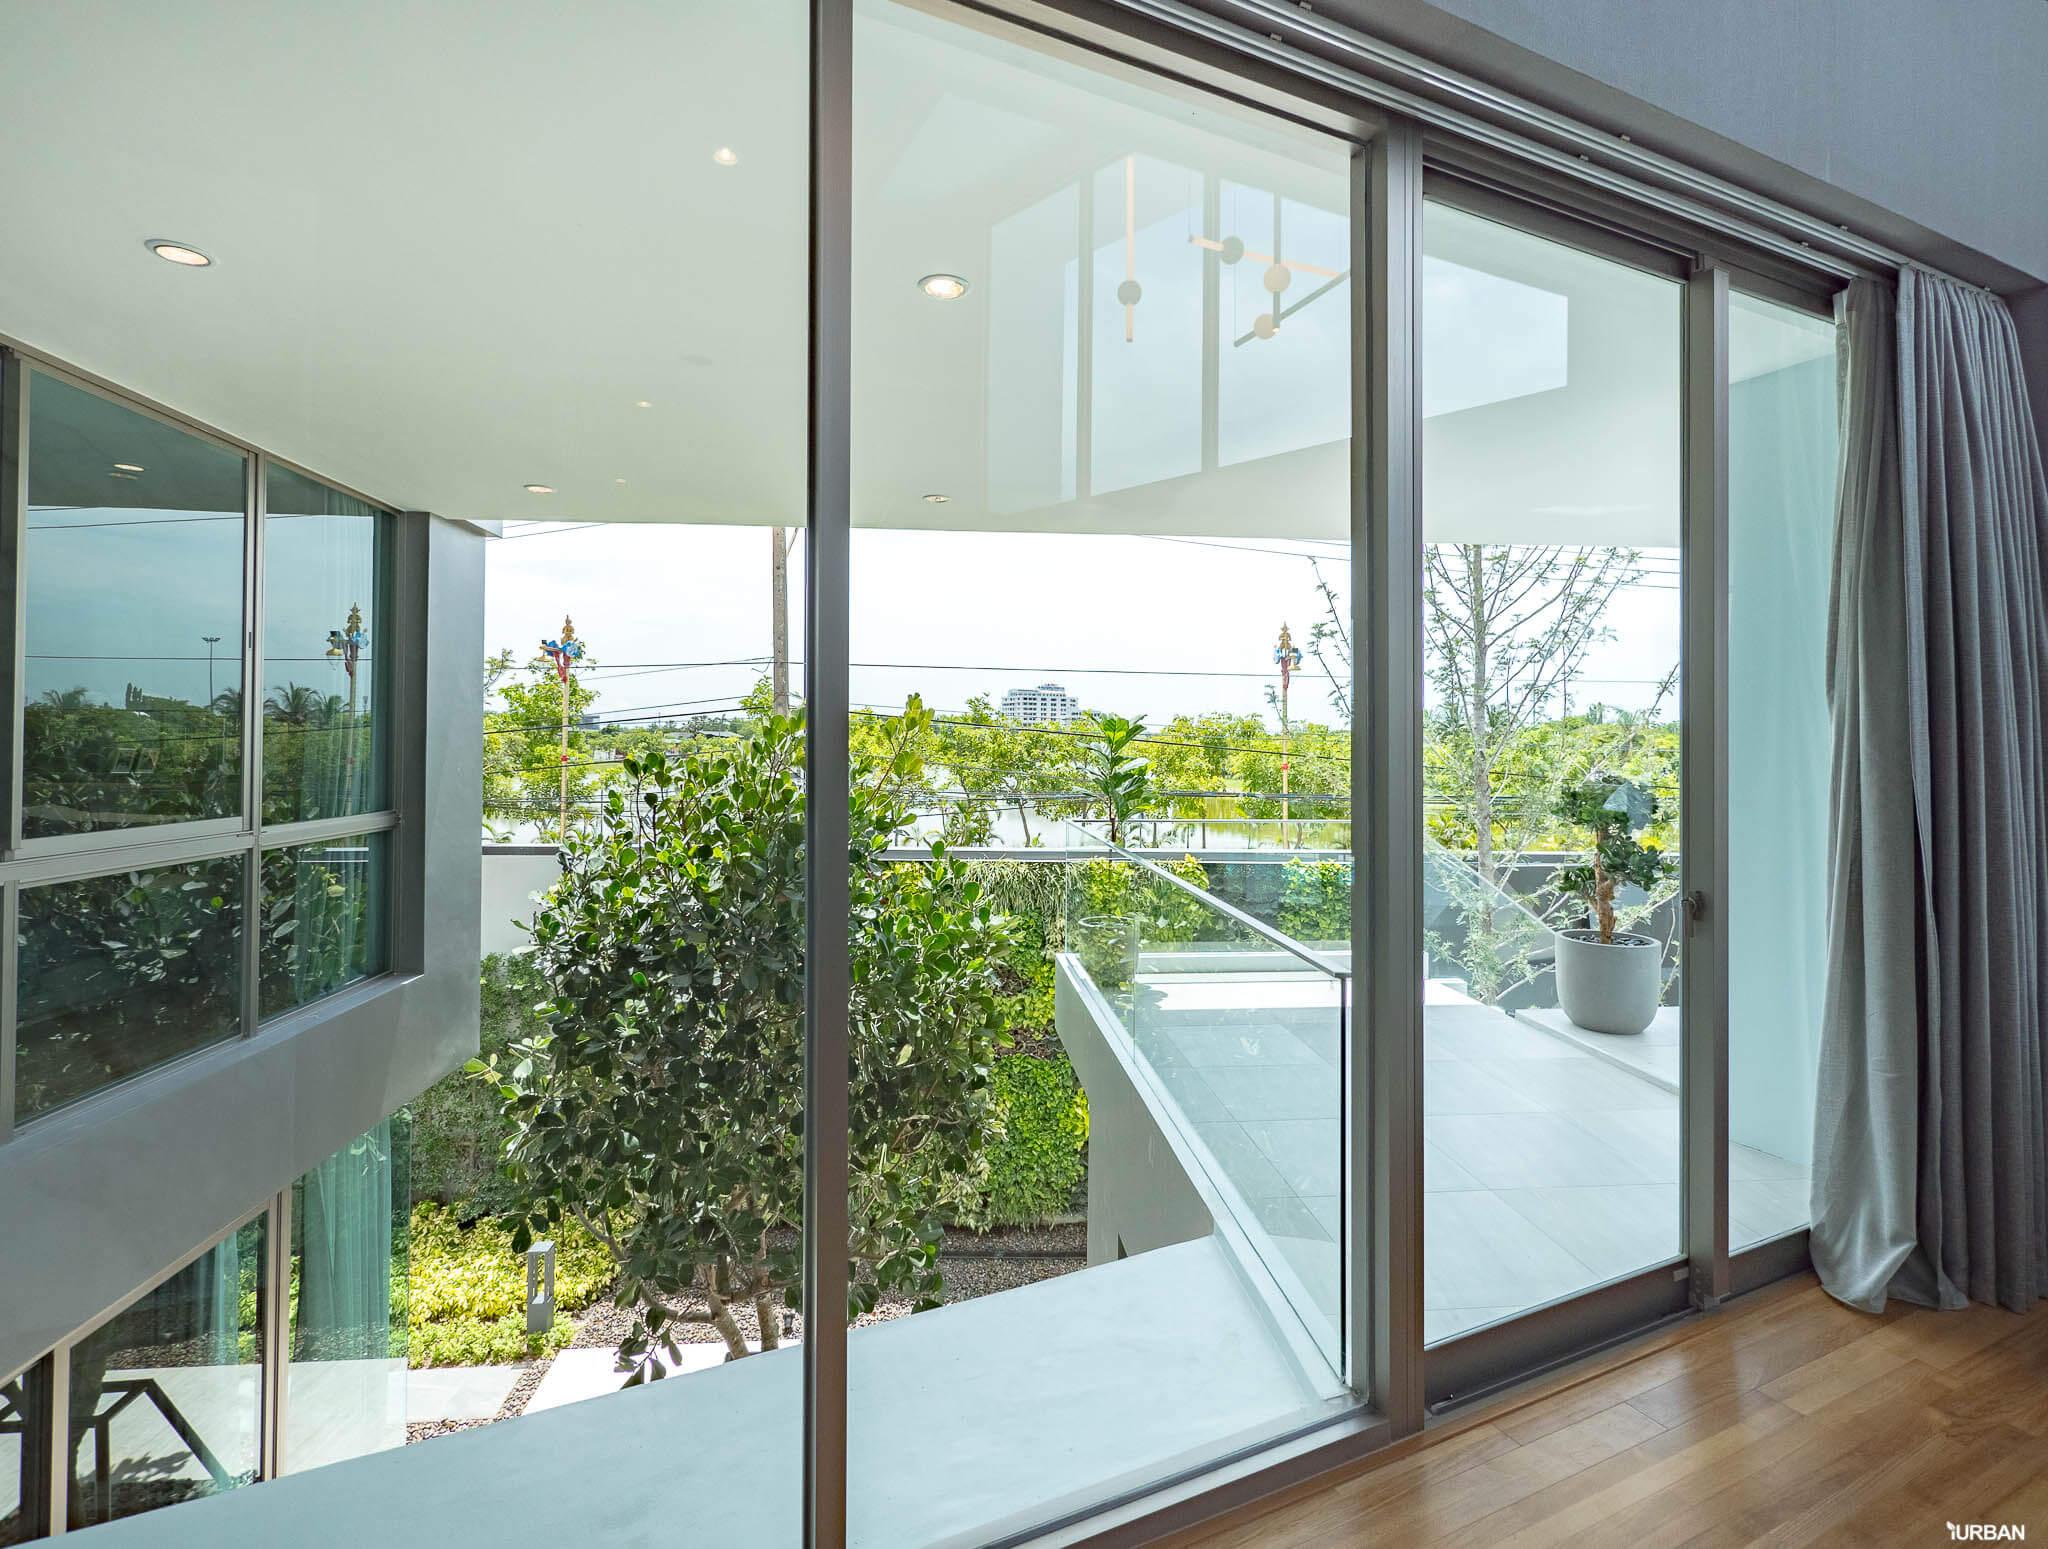 รีวิว Nirvana BEYOND Udonthani บ้านเดี่ยว 3 ชั้น ดีไซน์บิดสุดโมเดิร์น บนที่ดินสุดท้ายหน้าหนองประจักษ์ 55 - Luxury